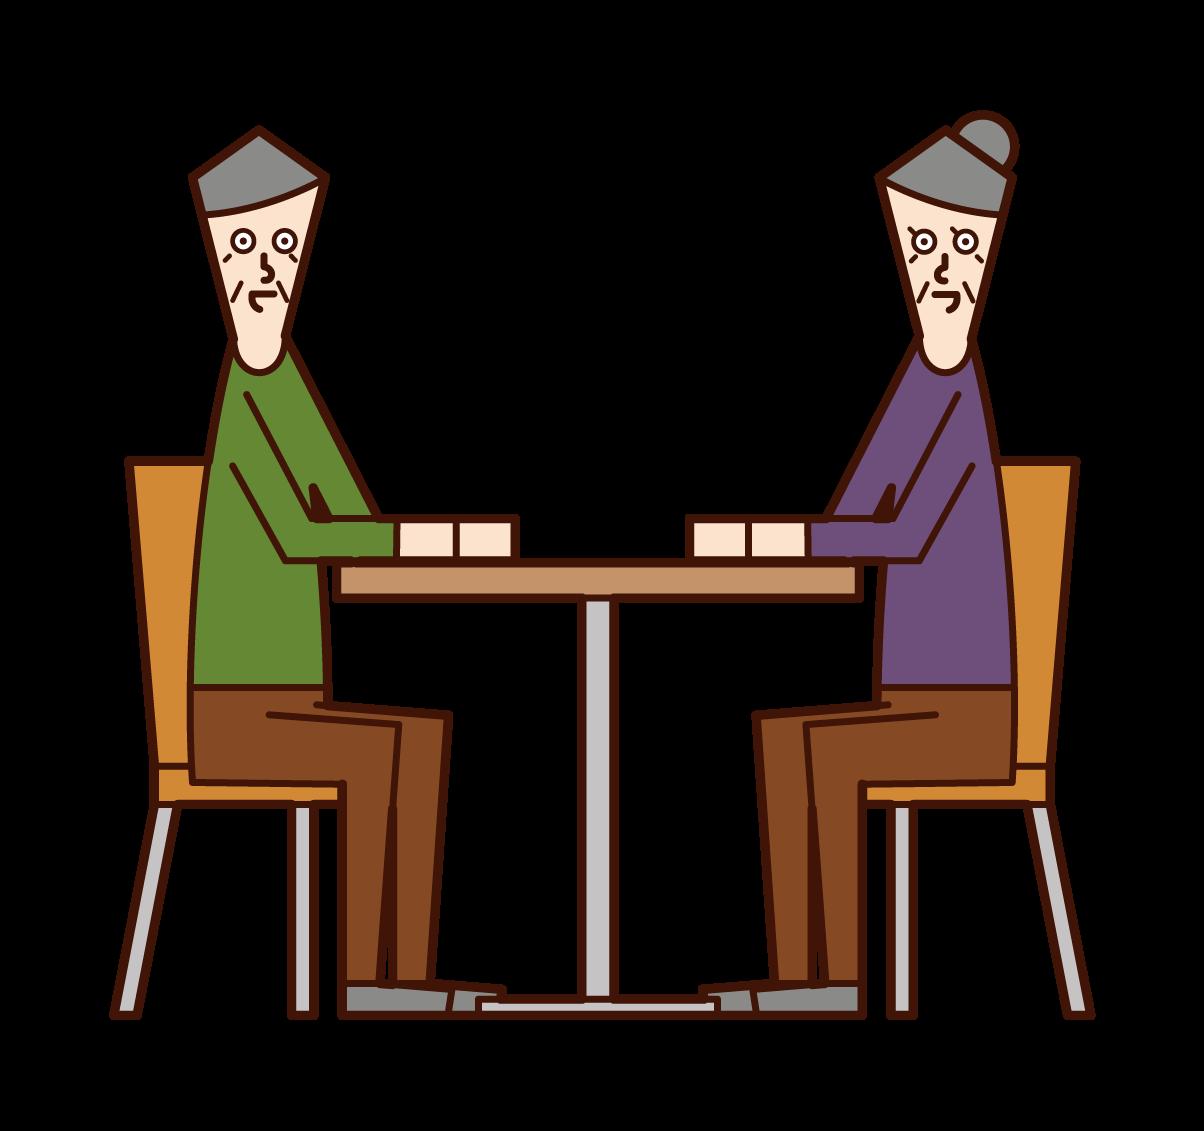 座って話をするお年寄り(老夫婦)のイラスト